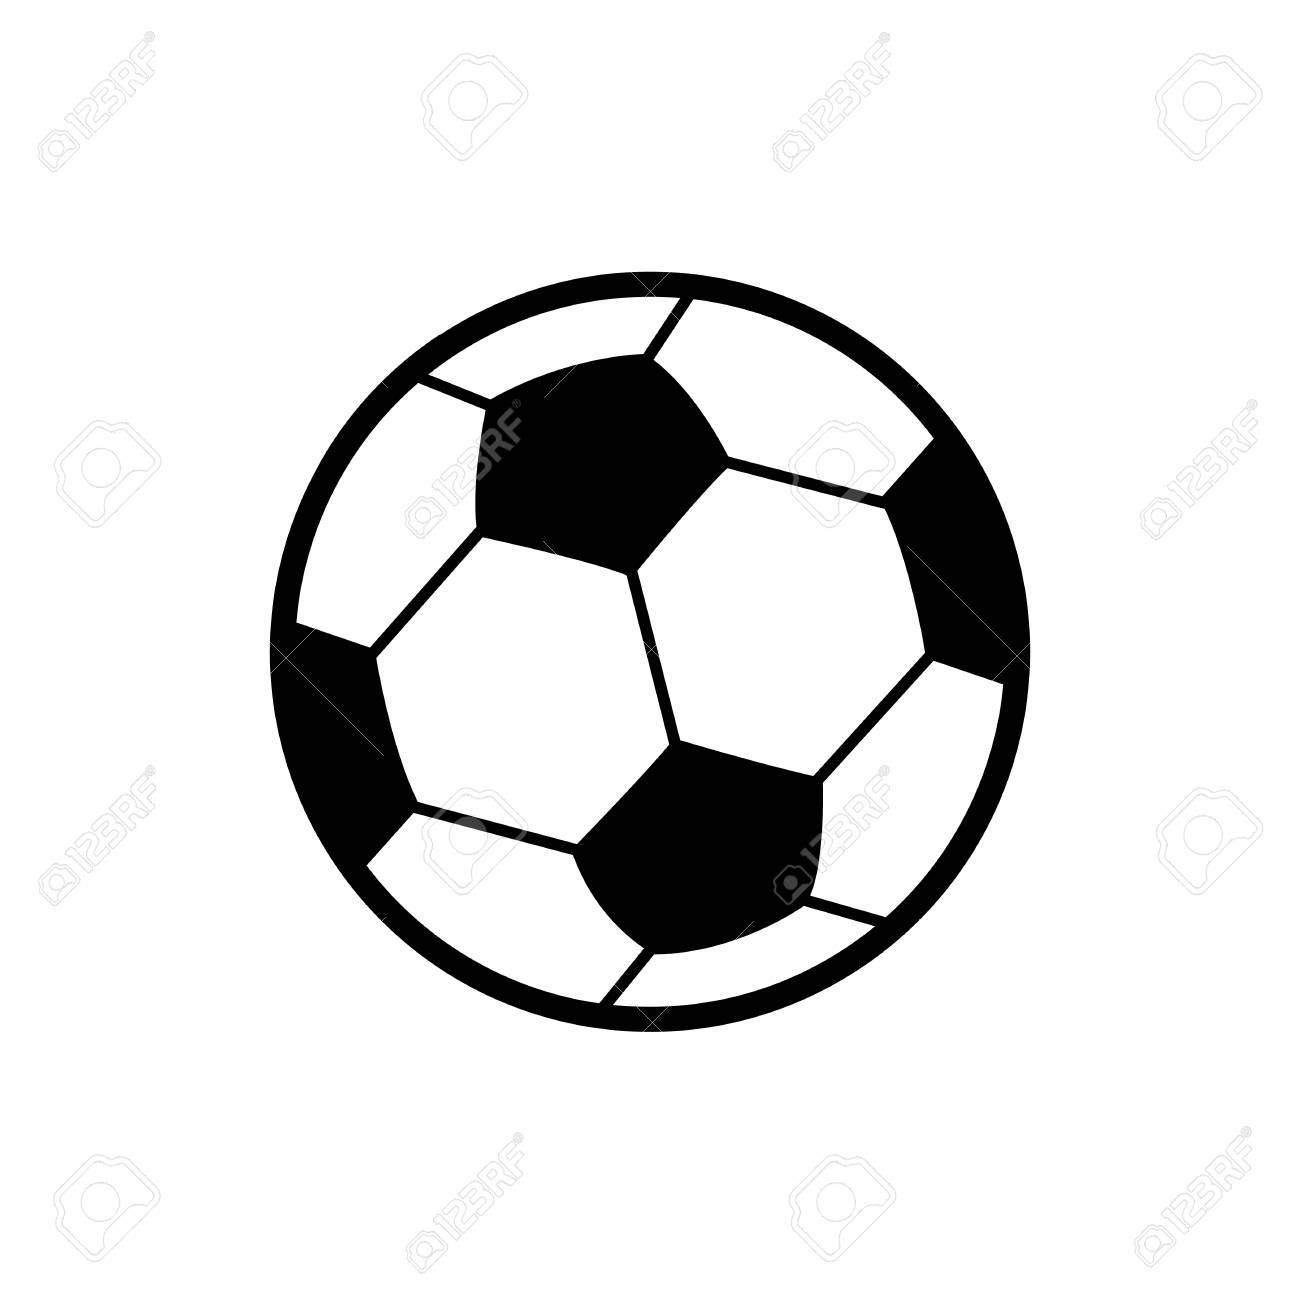 soccer team symbols